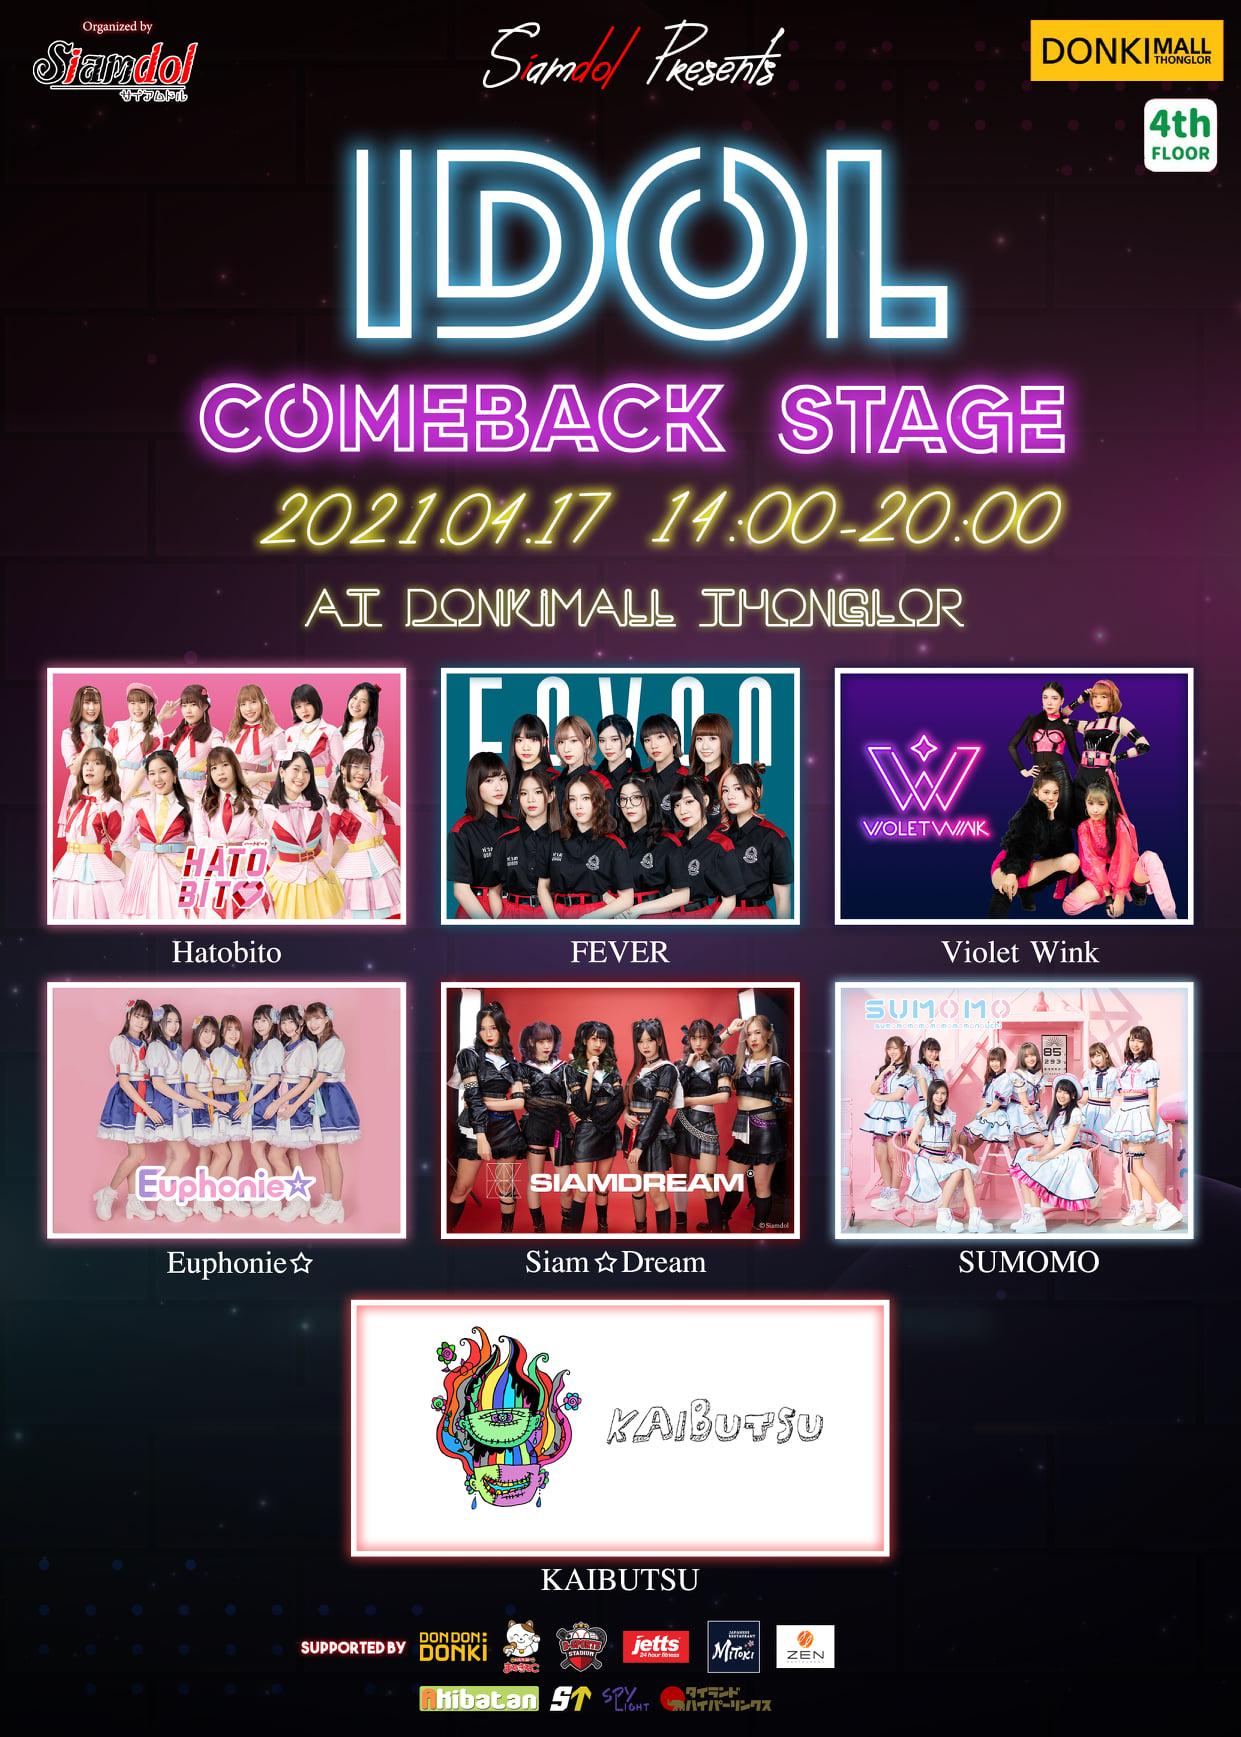 サイアムドル「アイドル カムバックステージ」がドンキモール・トンローで4月17日開催